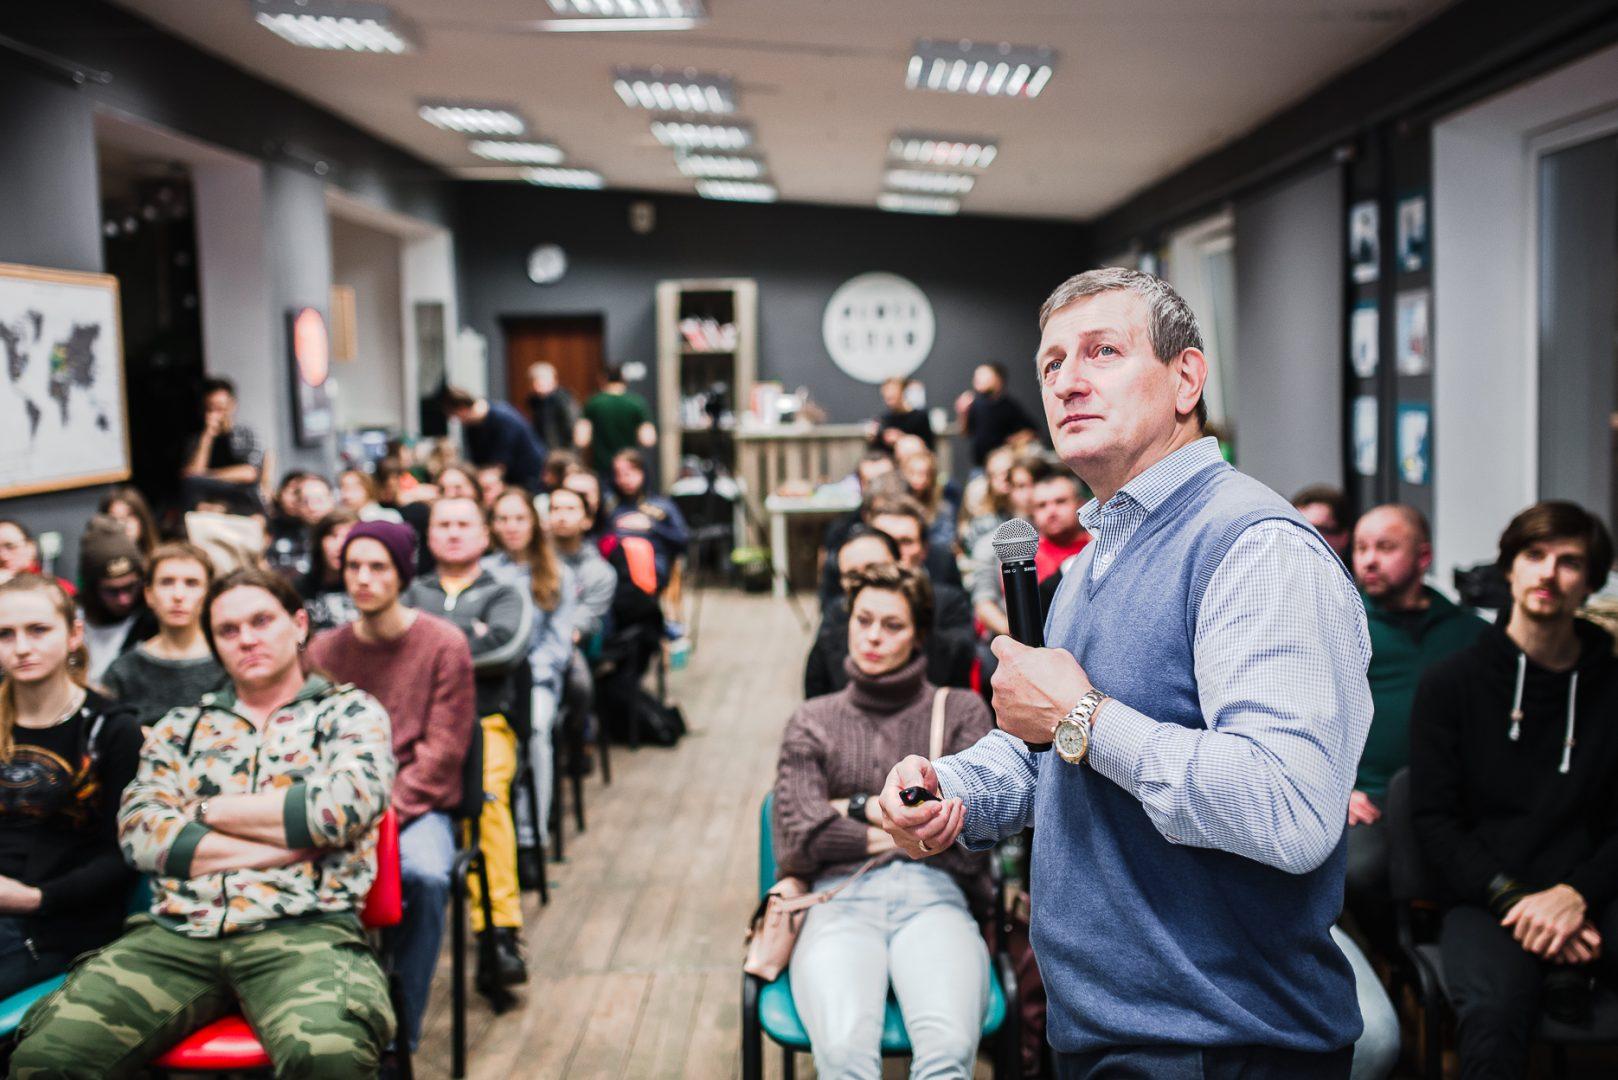 Яраслаў Раманчук выступіў з лекцыяй, дзе патлумачыў, якія выгоды Беларусі можа прынесці легалізацыя канабісу.